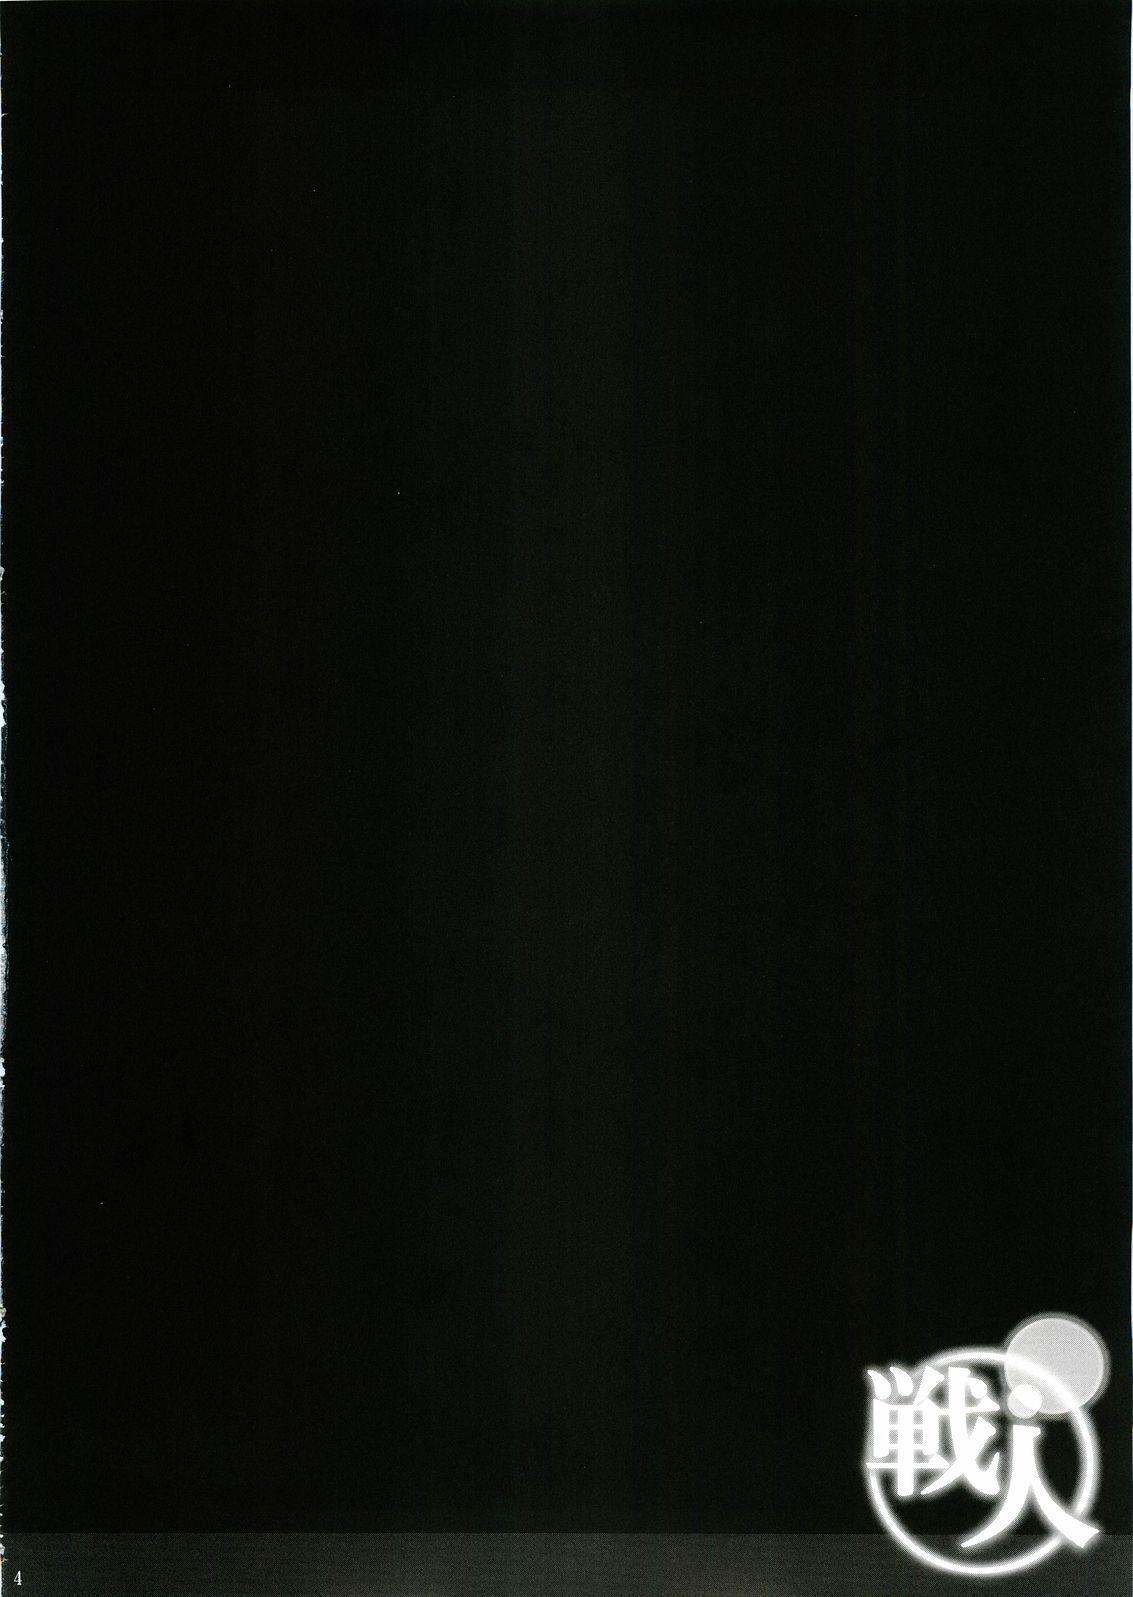 Senjin 2